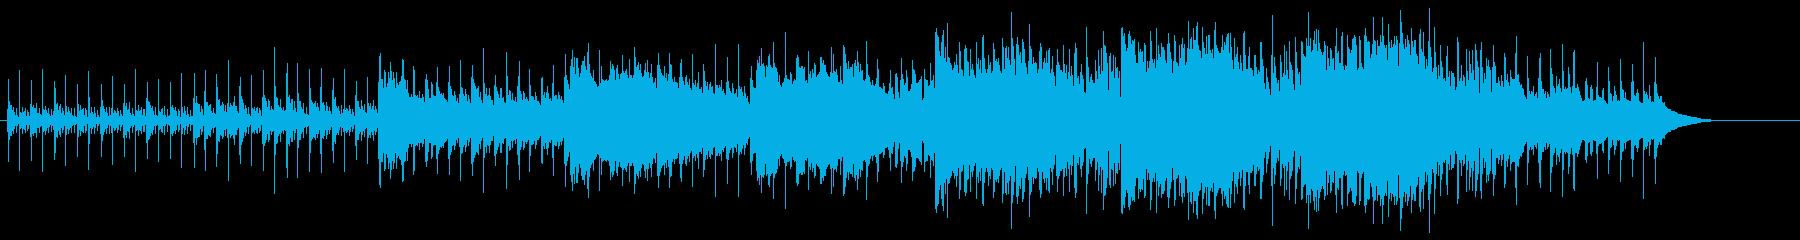 アンビスト・ポップス無国籍風の再生済みの波形